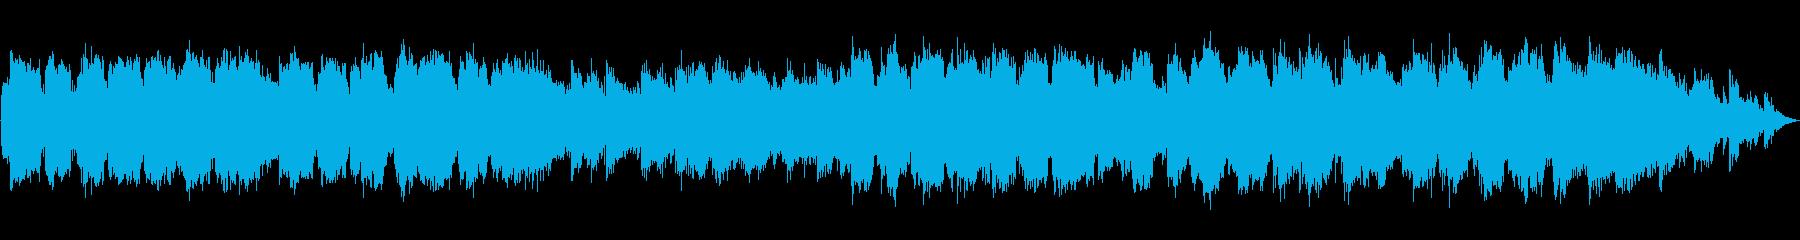 低い笛の音のヒーリング音楽の再生済みの波形